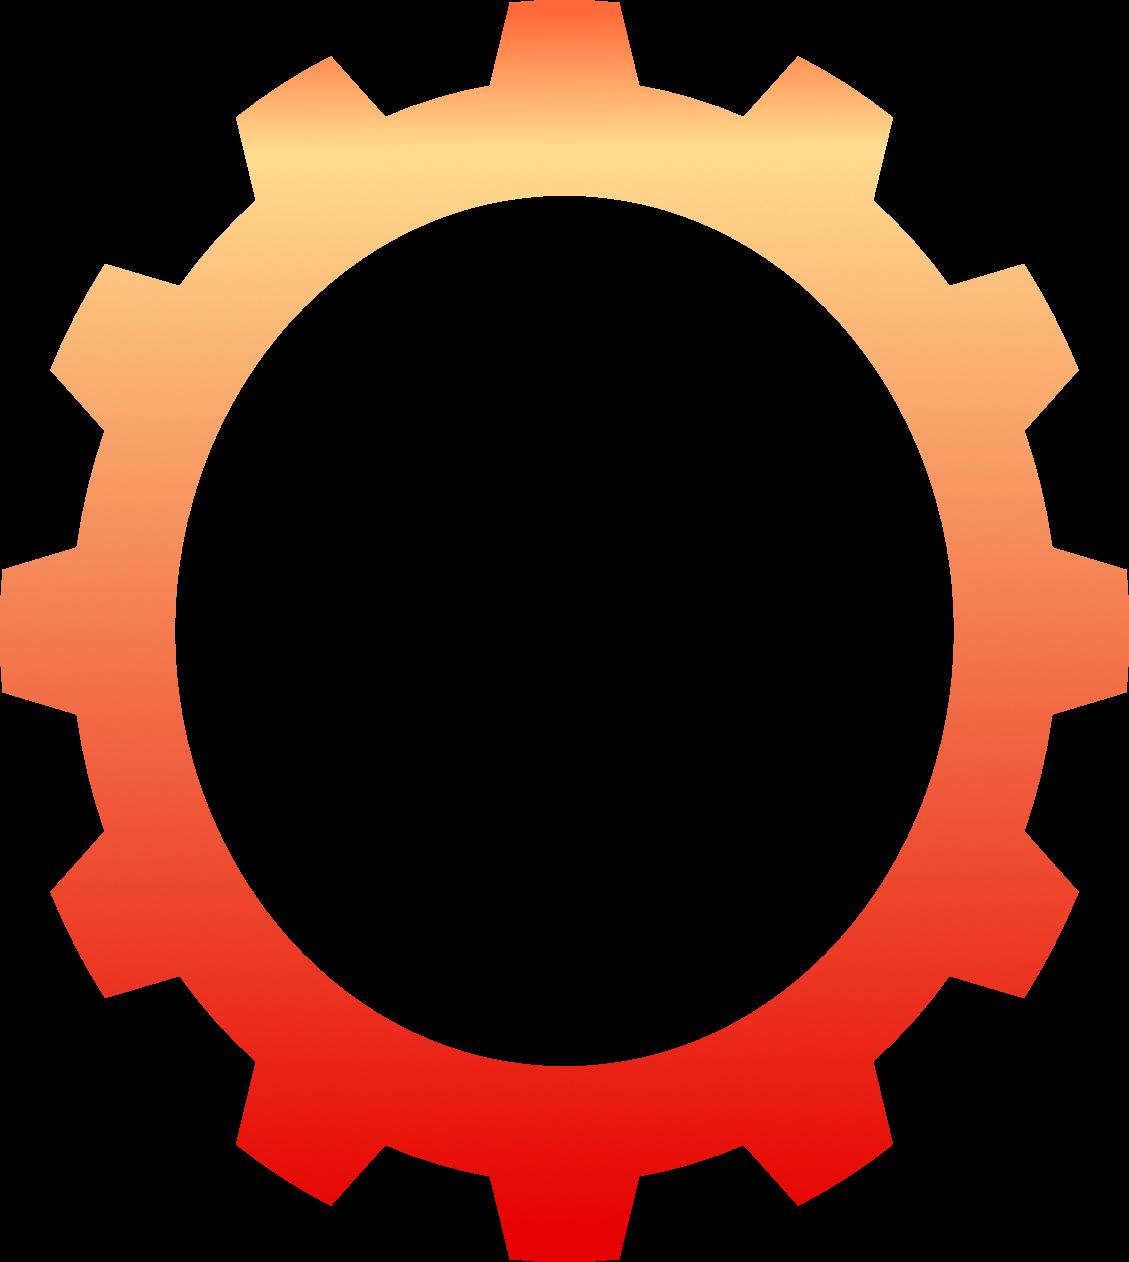 Original Plumber Logo - Serving the GTA